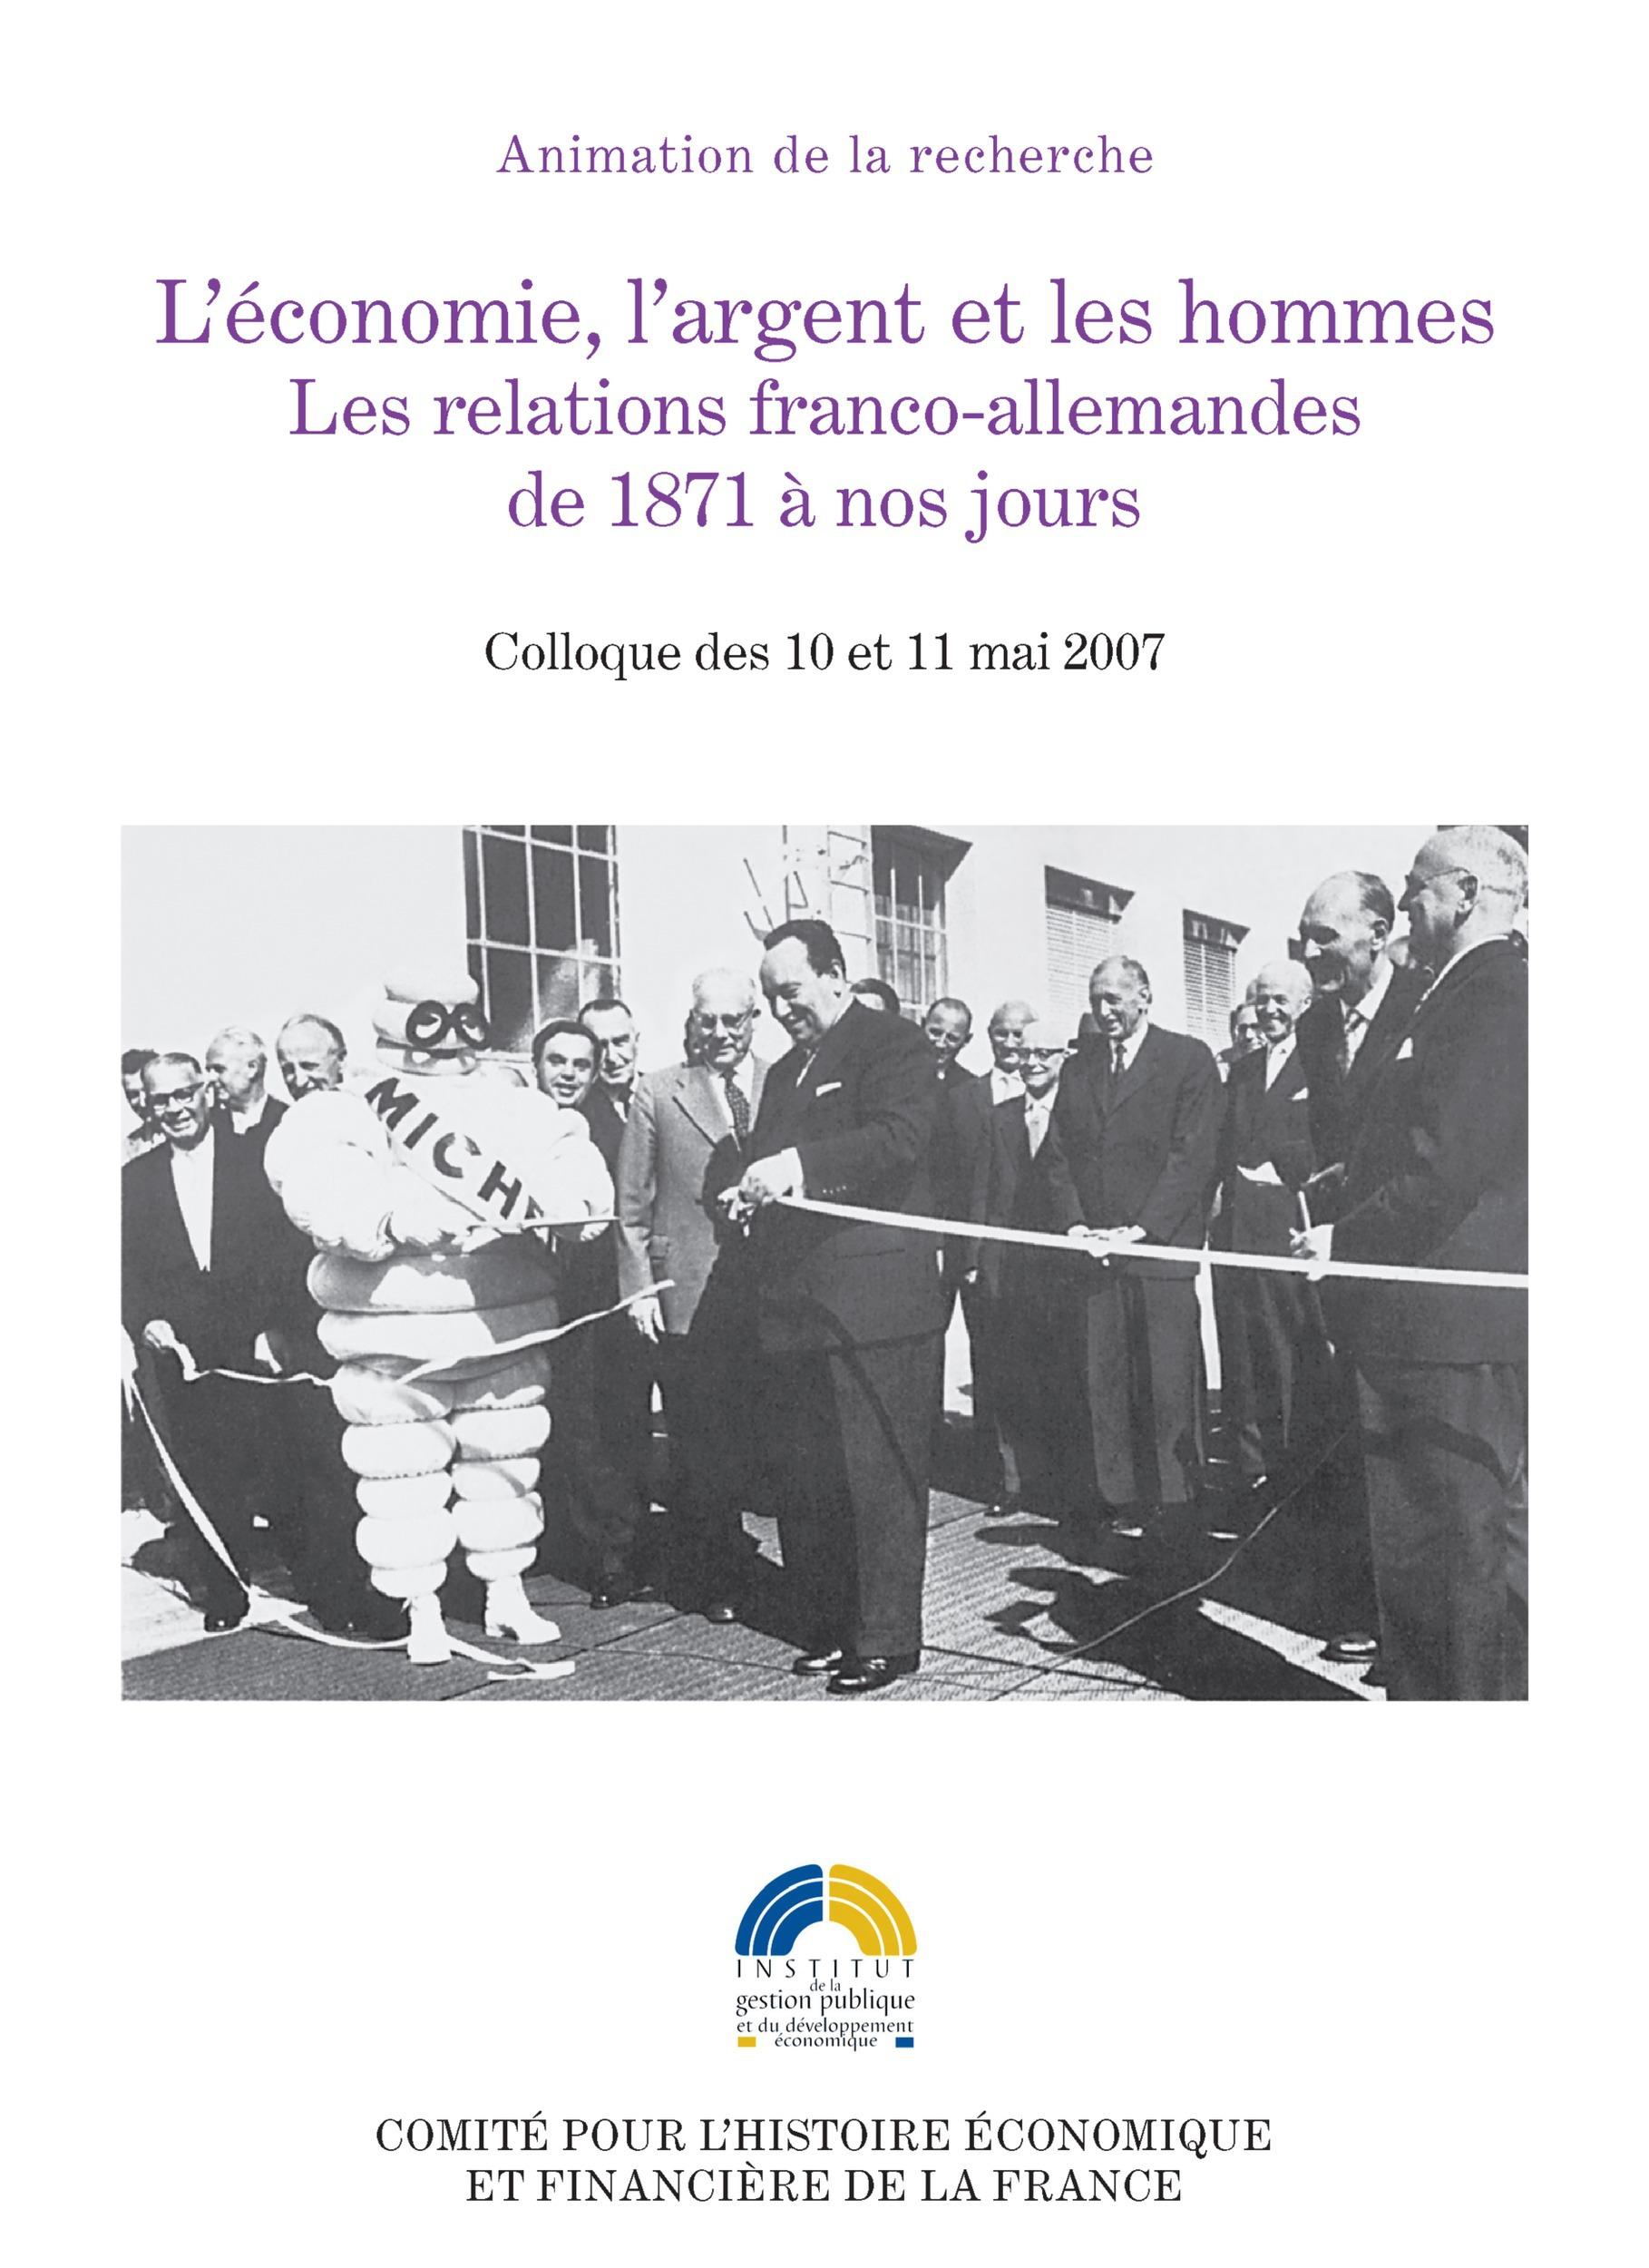 L'économie, l'argent et les hommes ; les relations franco-allemandes de 1871 à nos jours ; colloque des 10 et 11 mai 2007